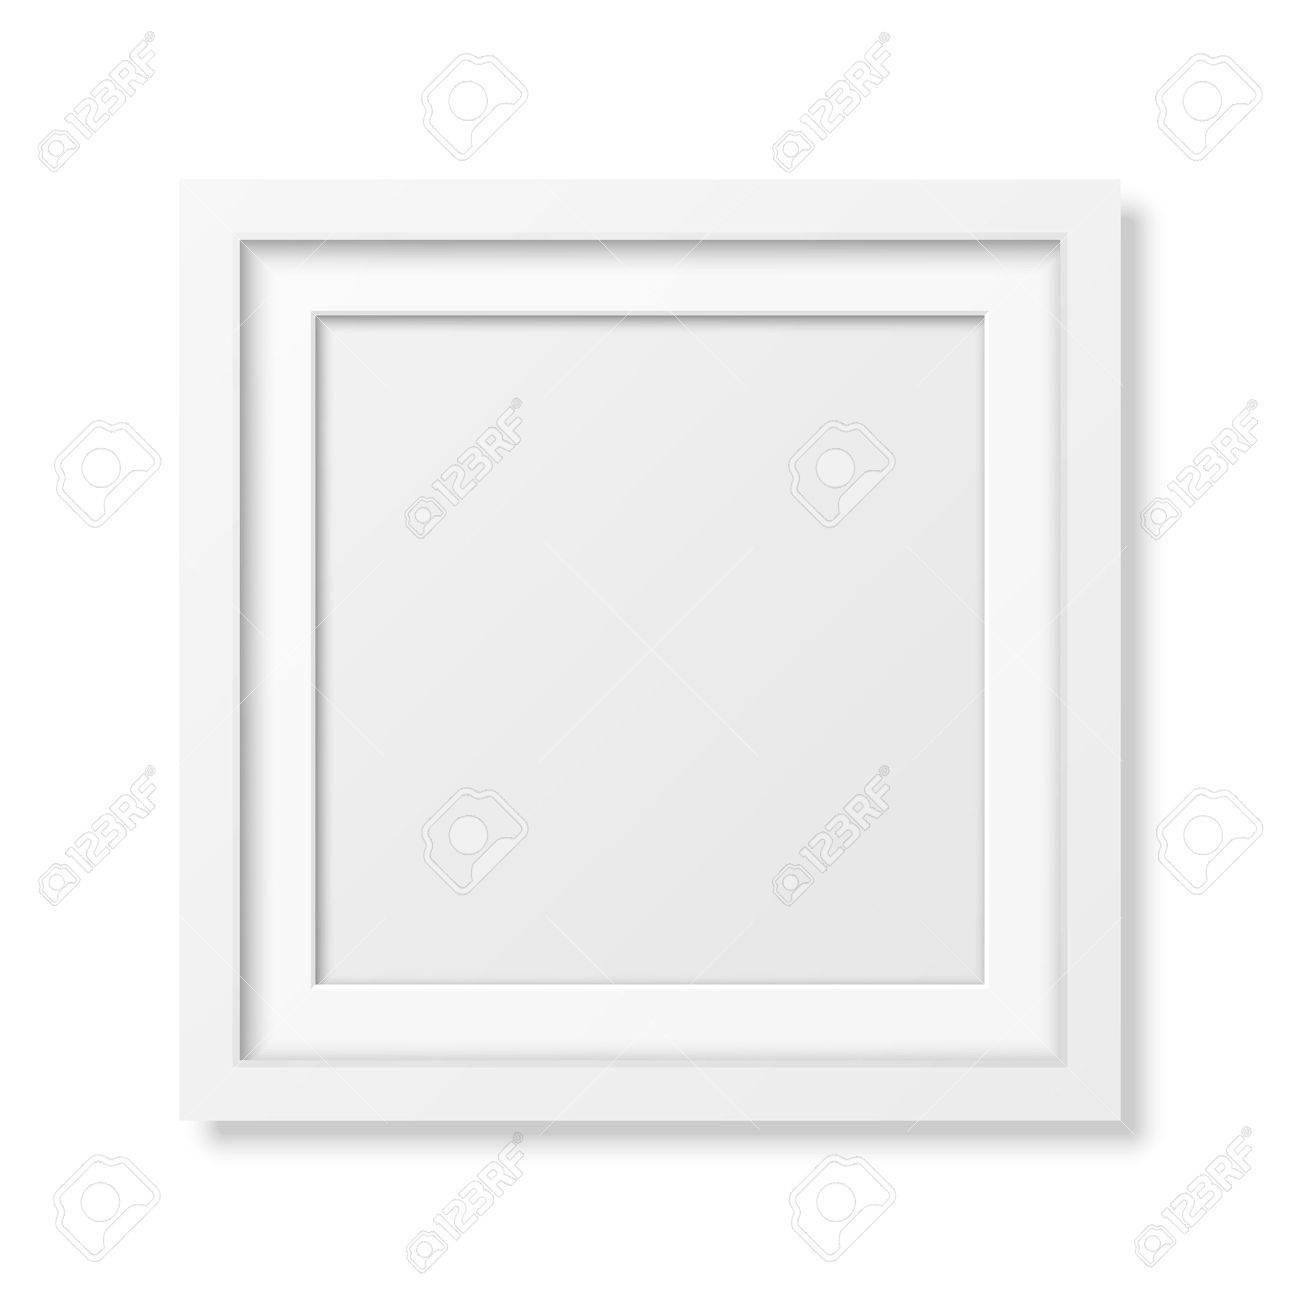 Realistische Quadratischen Weißen Rahmen Auf Weißem Isoliert. Es ...